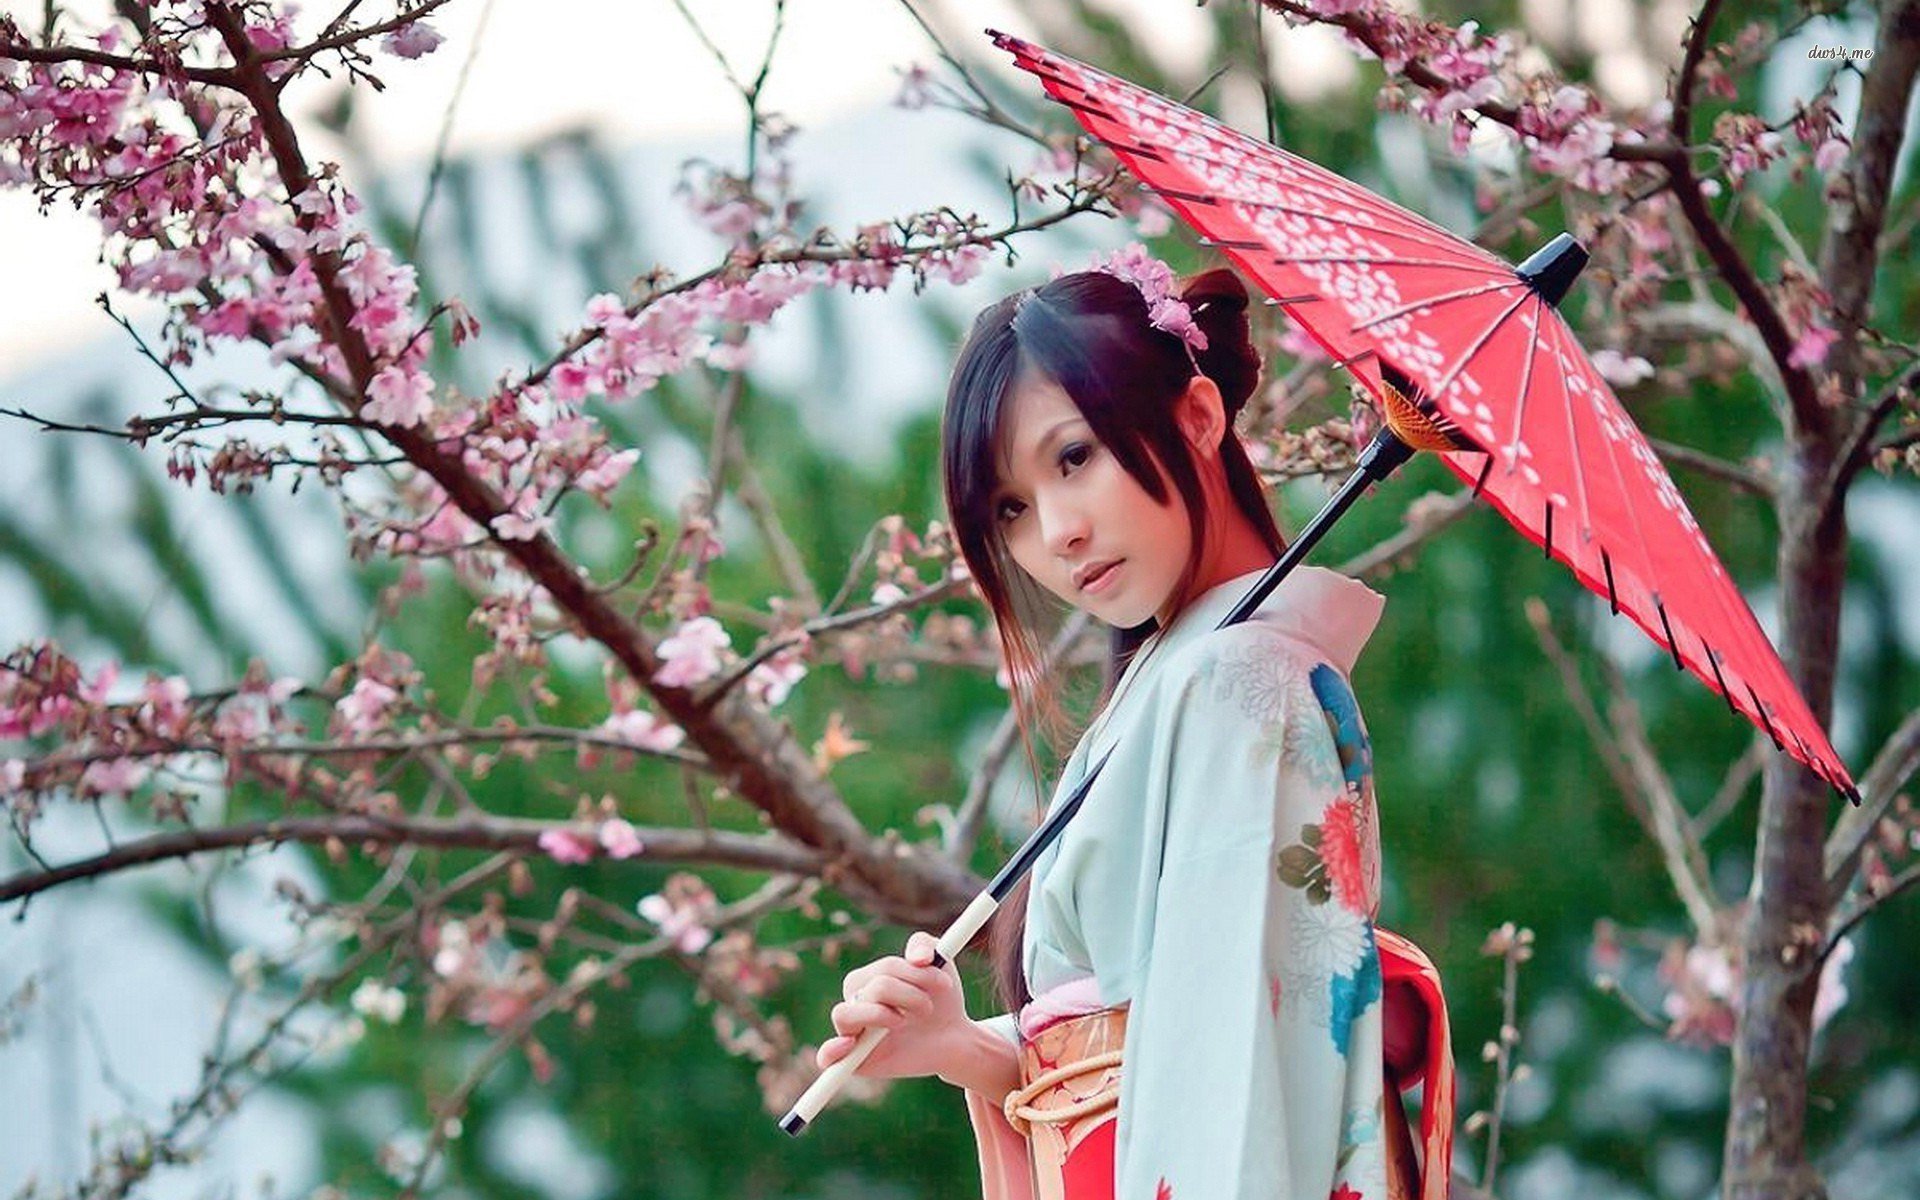 Japanese wallpaper japanese girl holding japapese umbrella 1920x1200